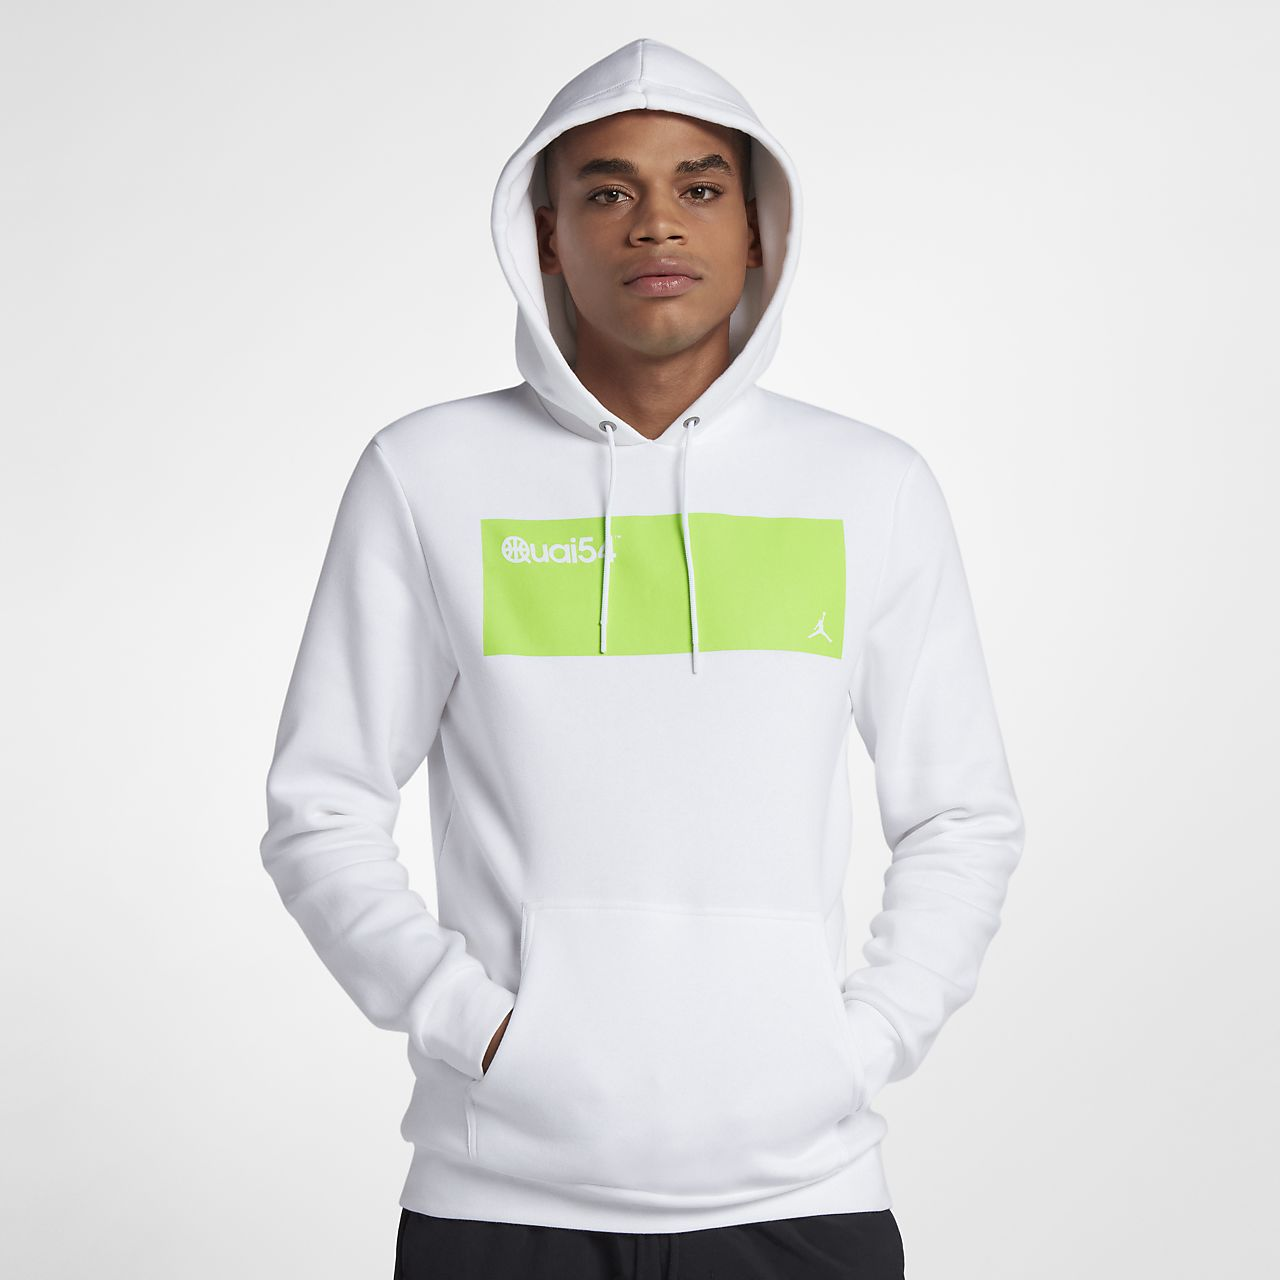 Jordan Sportswear Quai 54 Yünlü Erkek Kapüşonlu Sweatshirt'ü